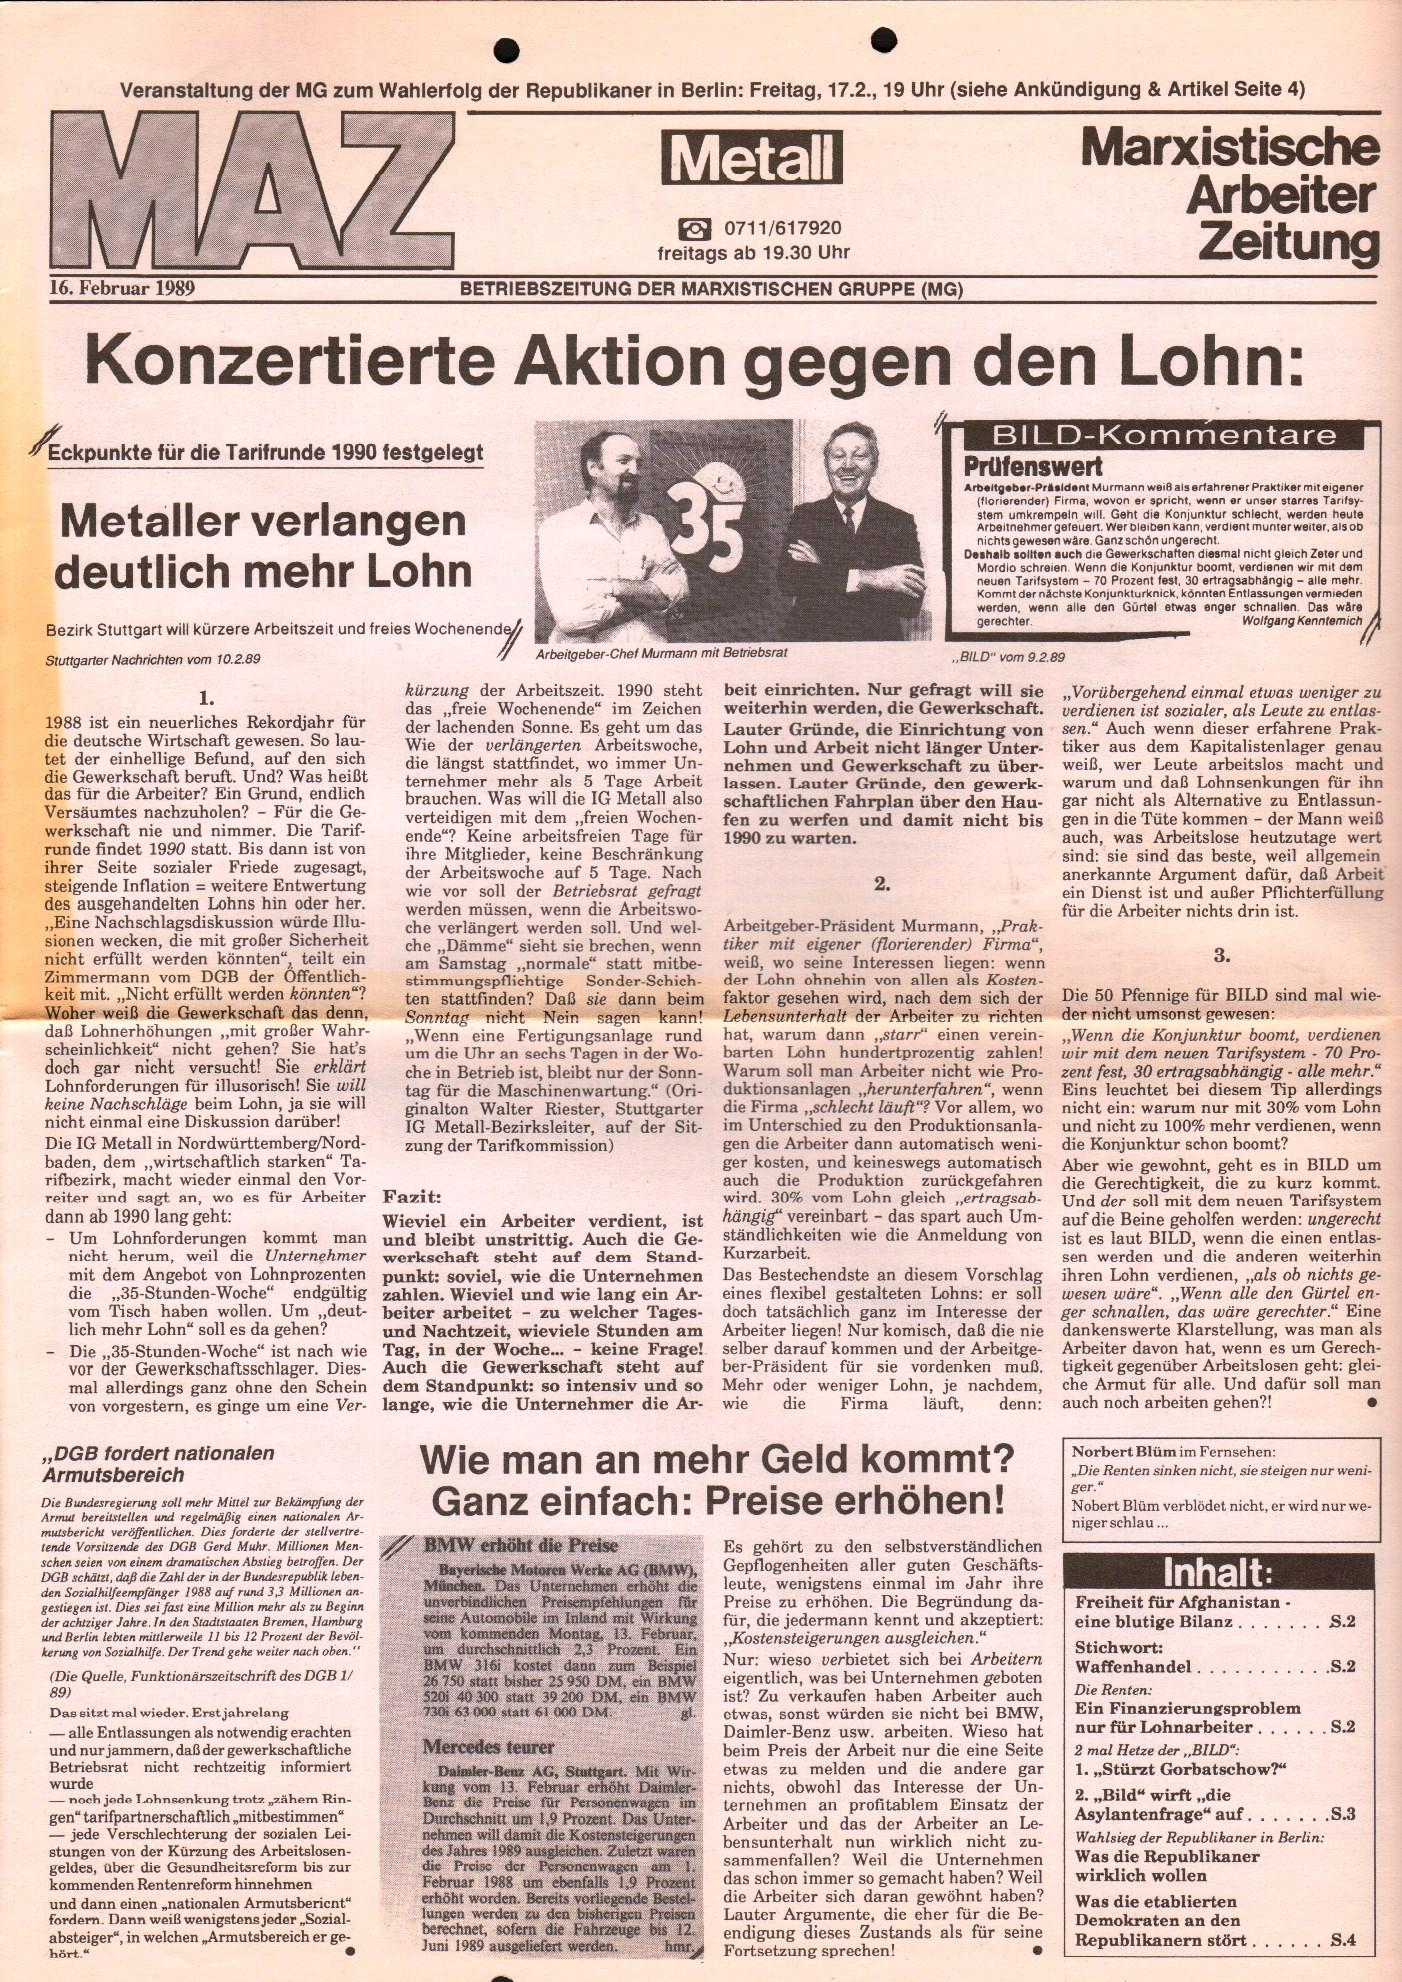 BW_MG_Marxistische_Arbeiterzeitung_19890216_01